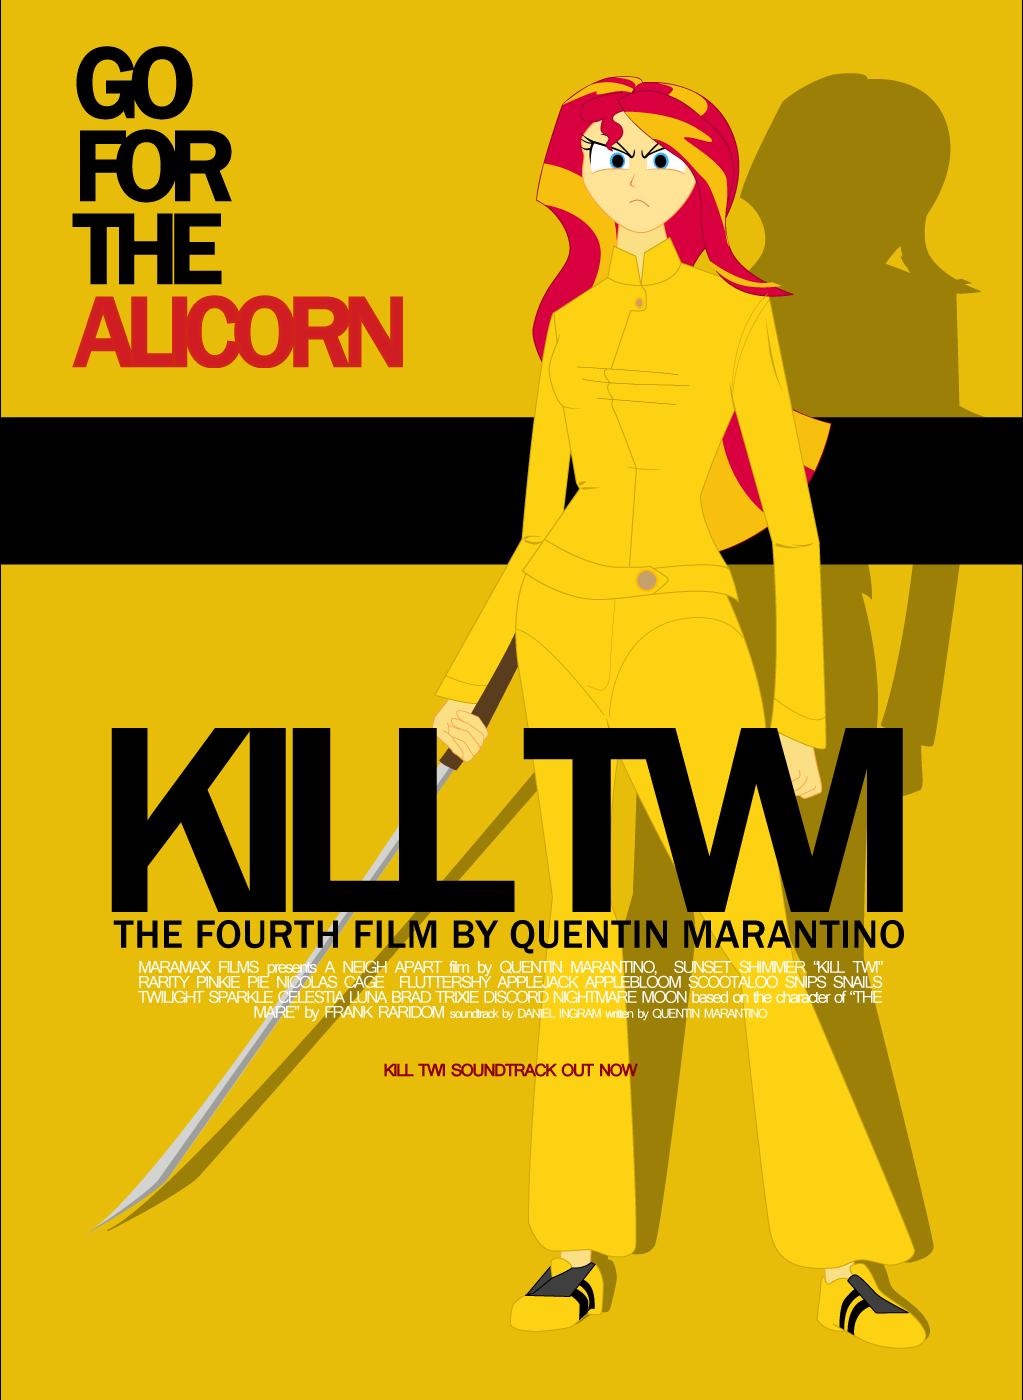 KILL TWI by AaronMk